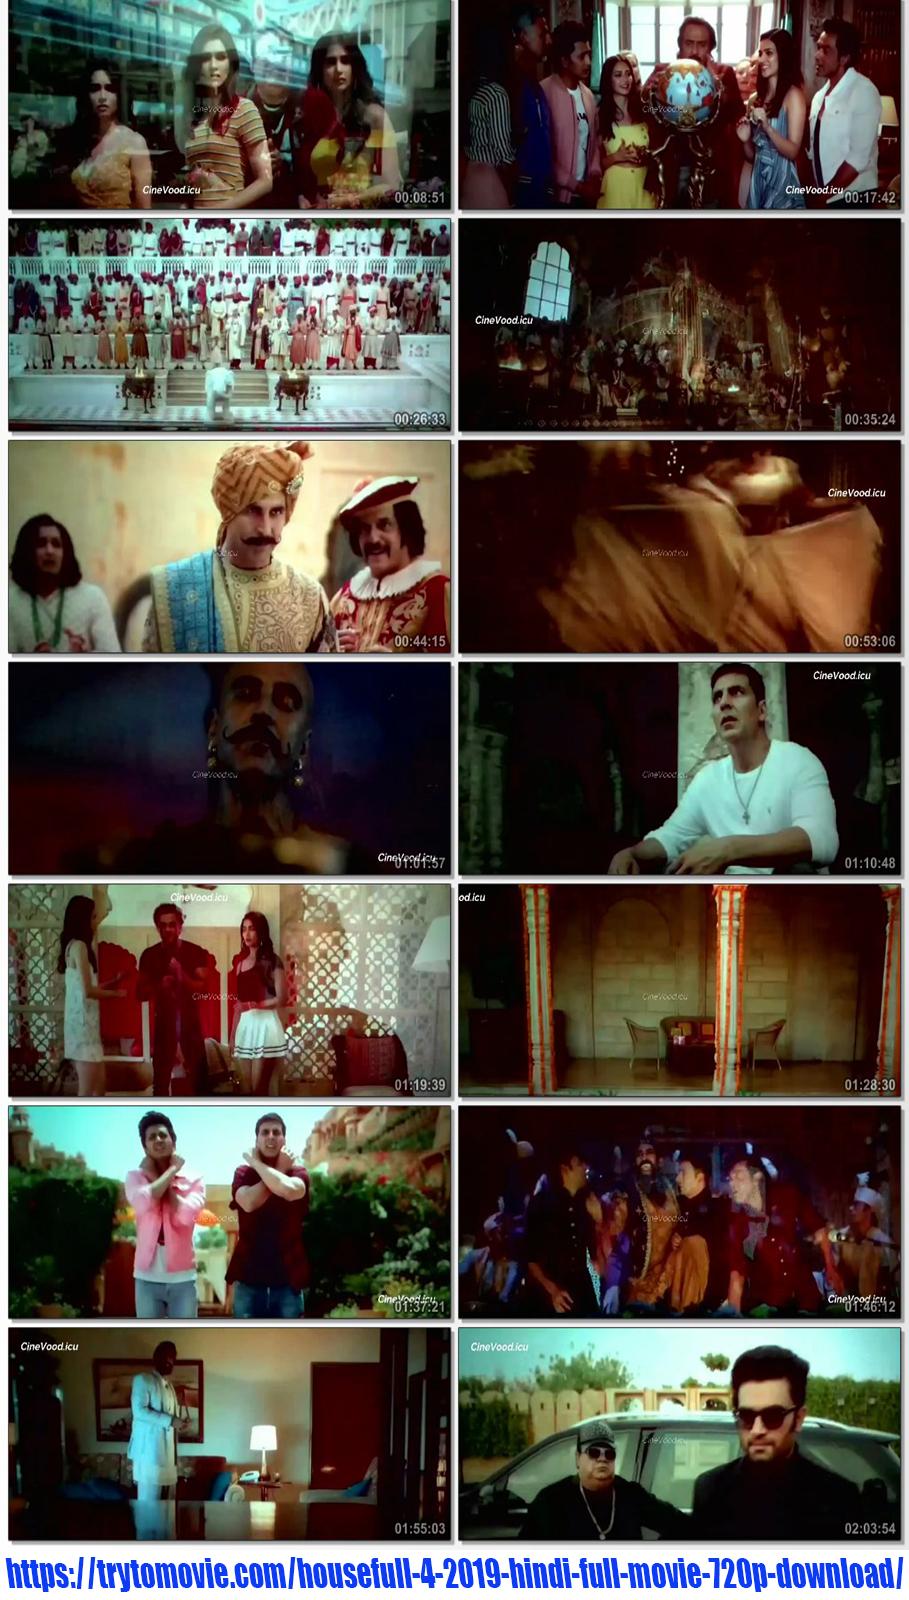 Housefull 4 2019 Hindi Full Movie 720p Download